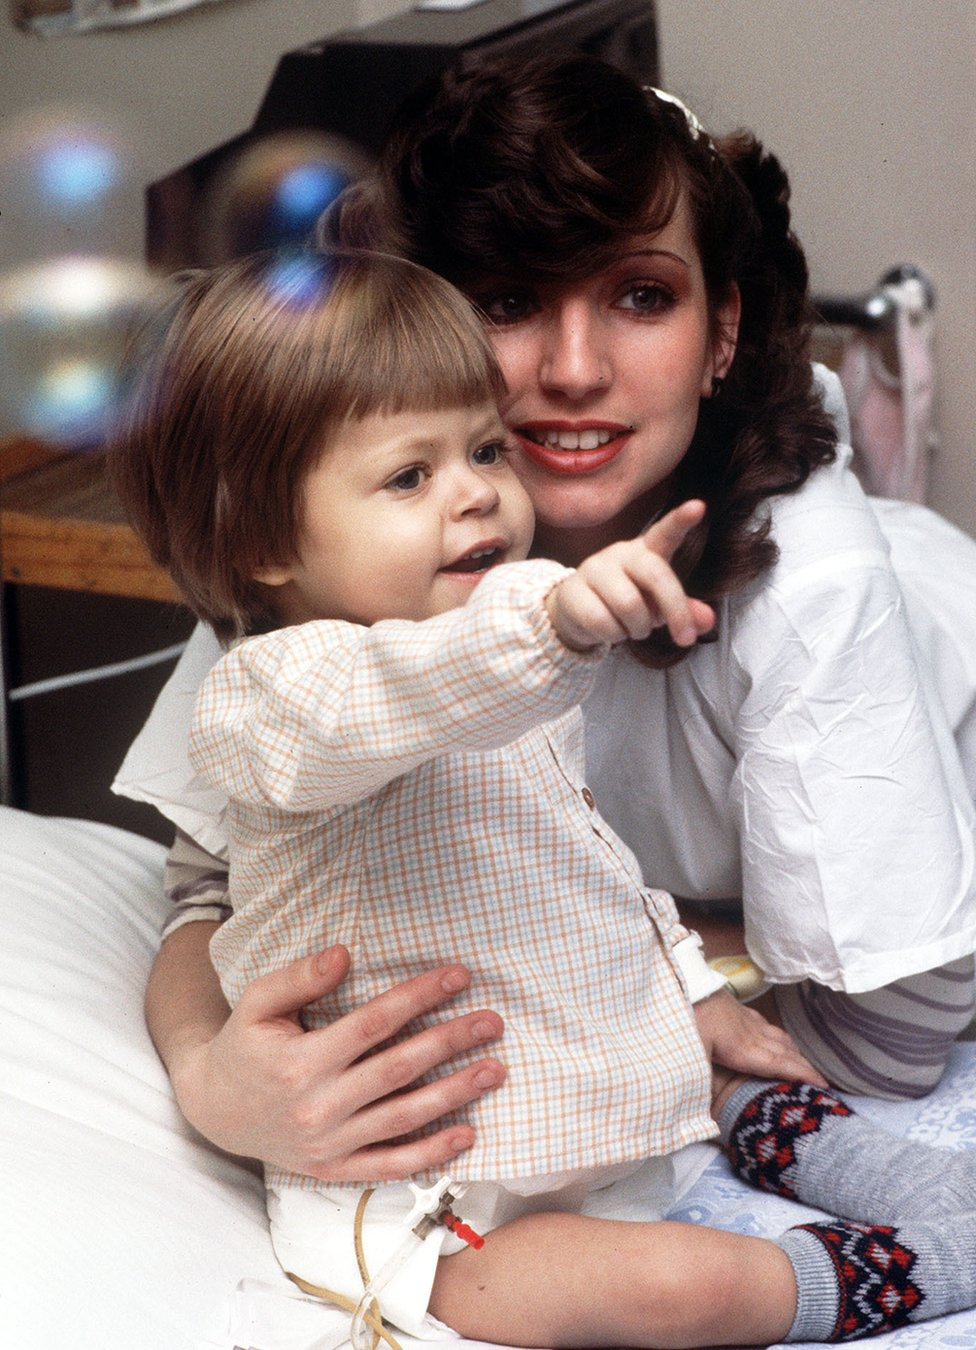 兩歲的本傑明·哈德威克和媽媽黛比